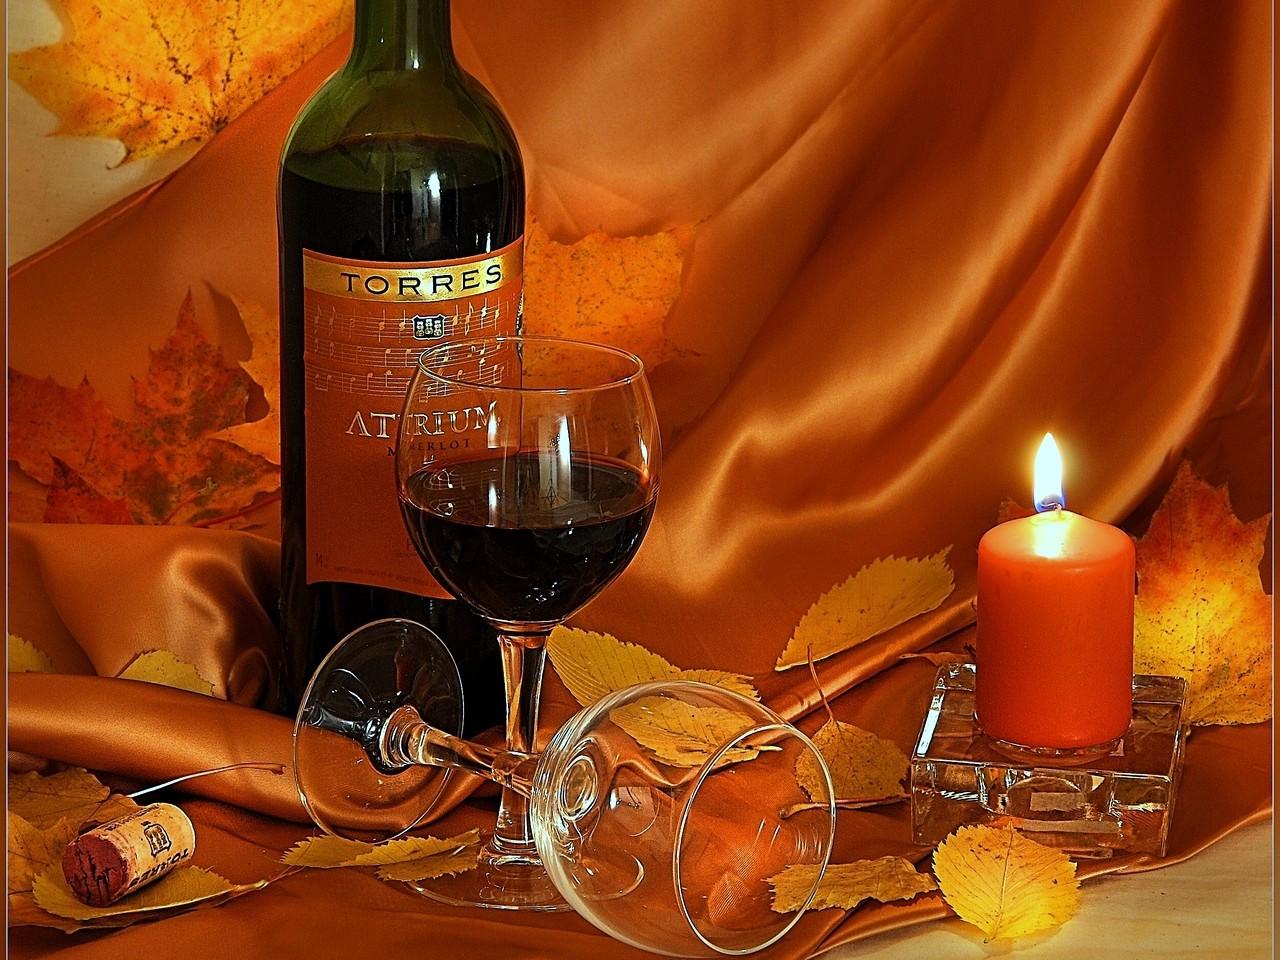 Открытка с добрым вином, про любовь